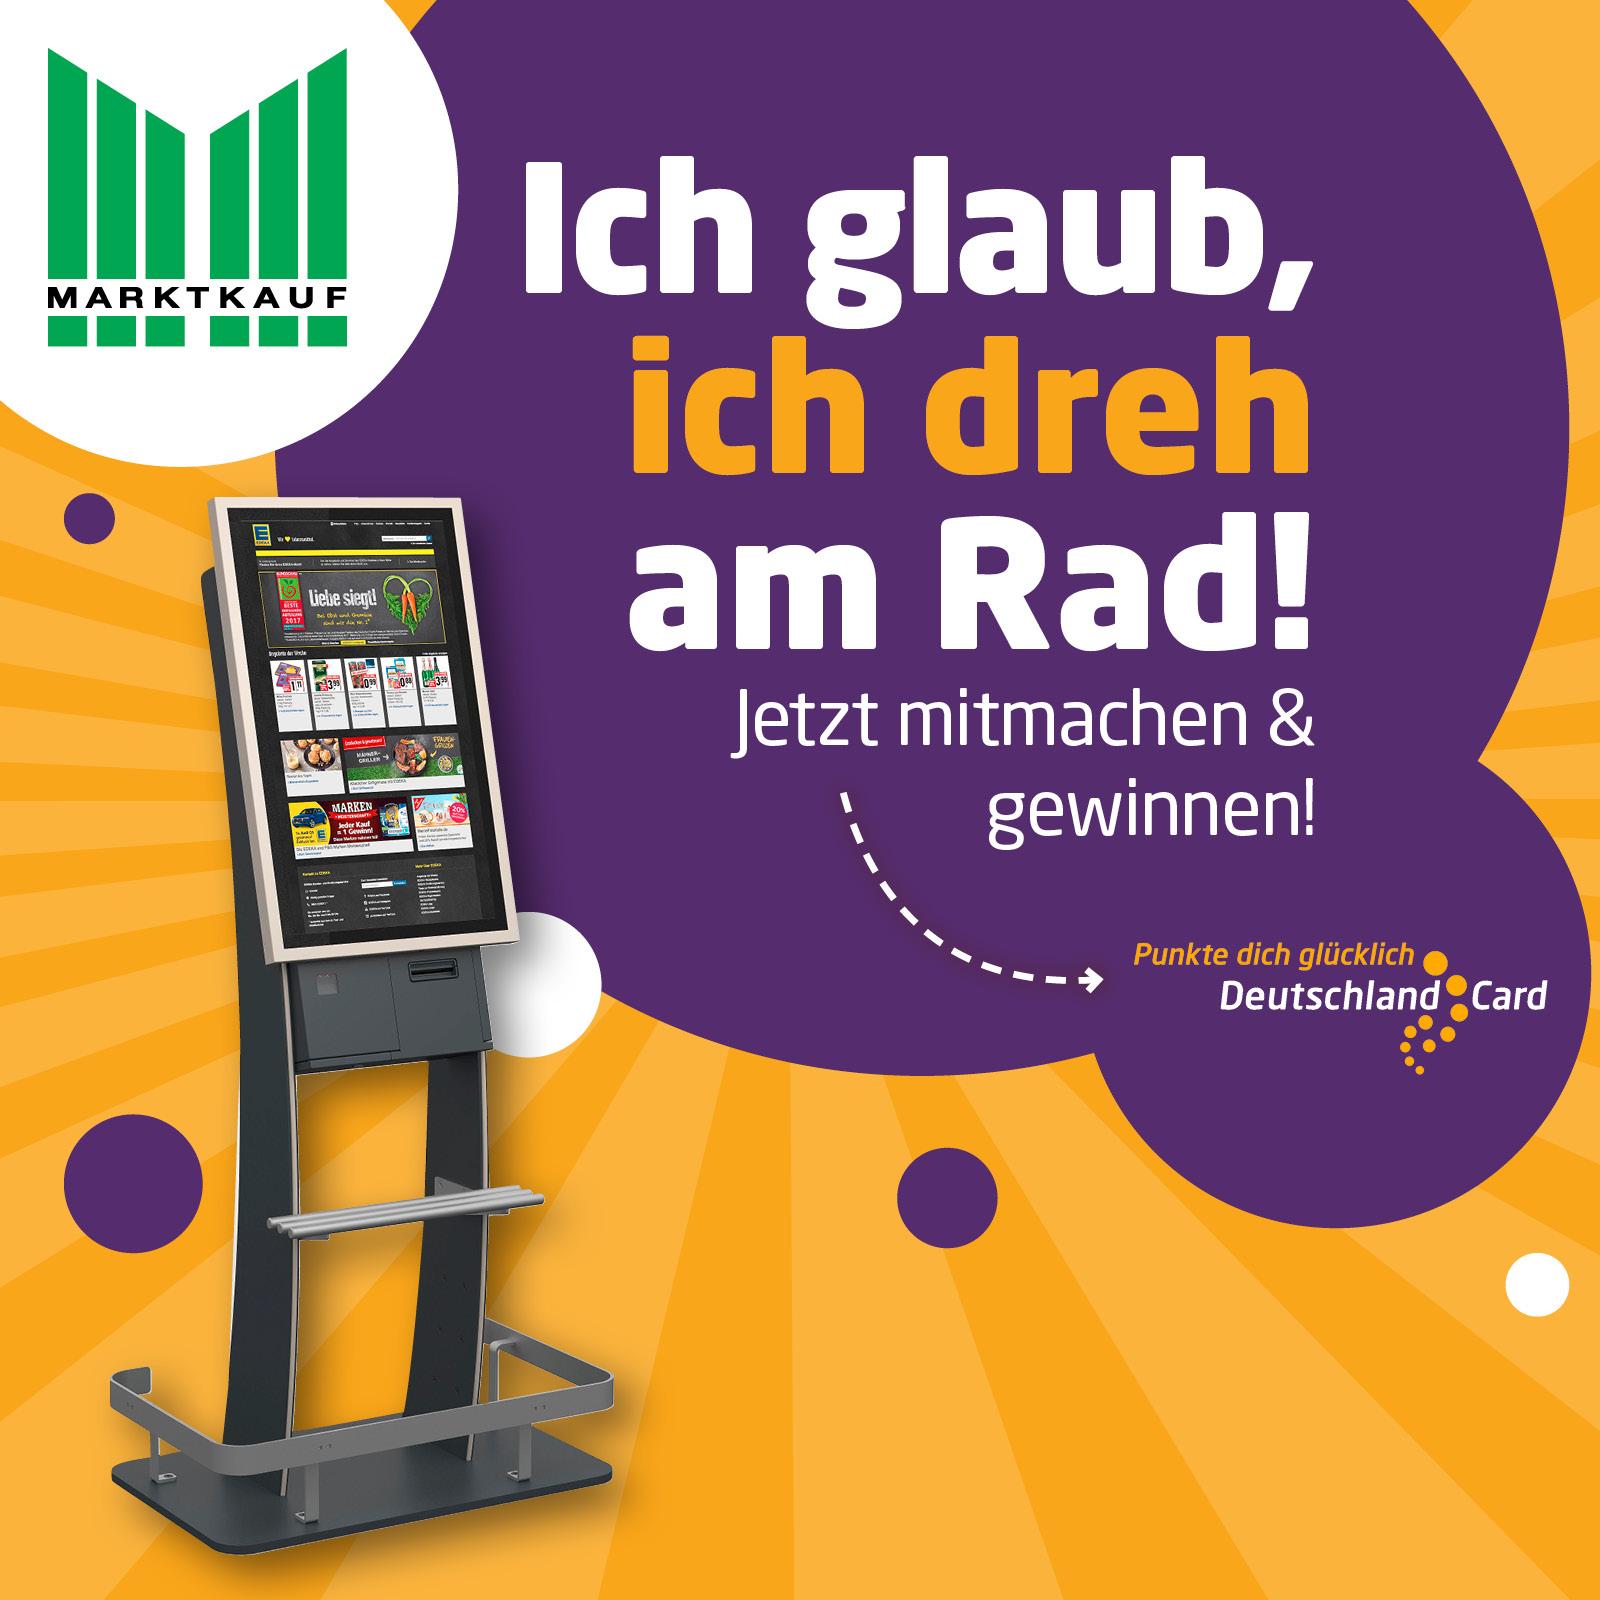 DeutschlandCard Glücksrad in deinem Markt – punkte dich glücklich